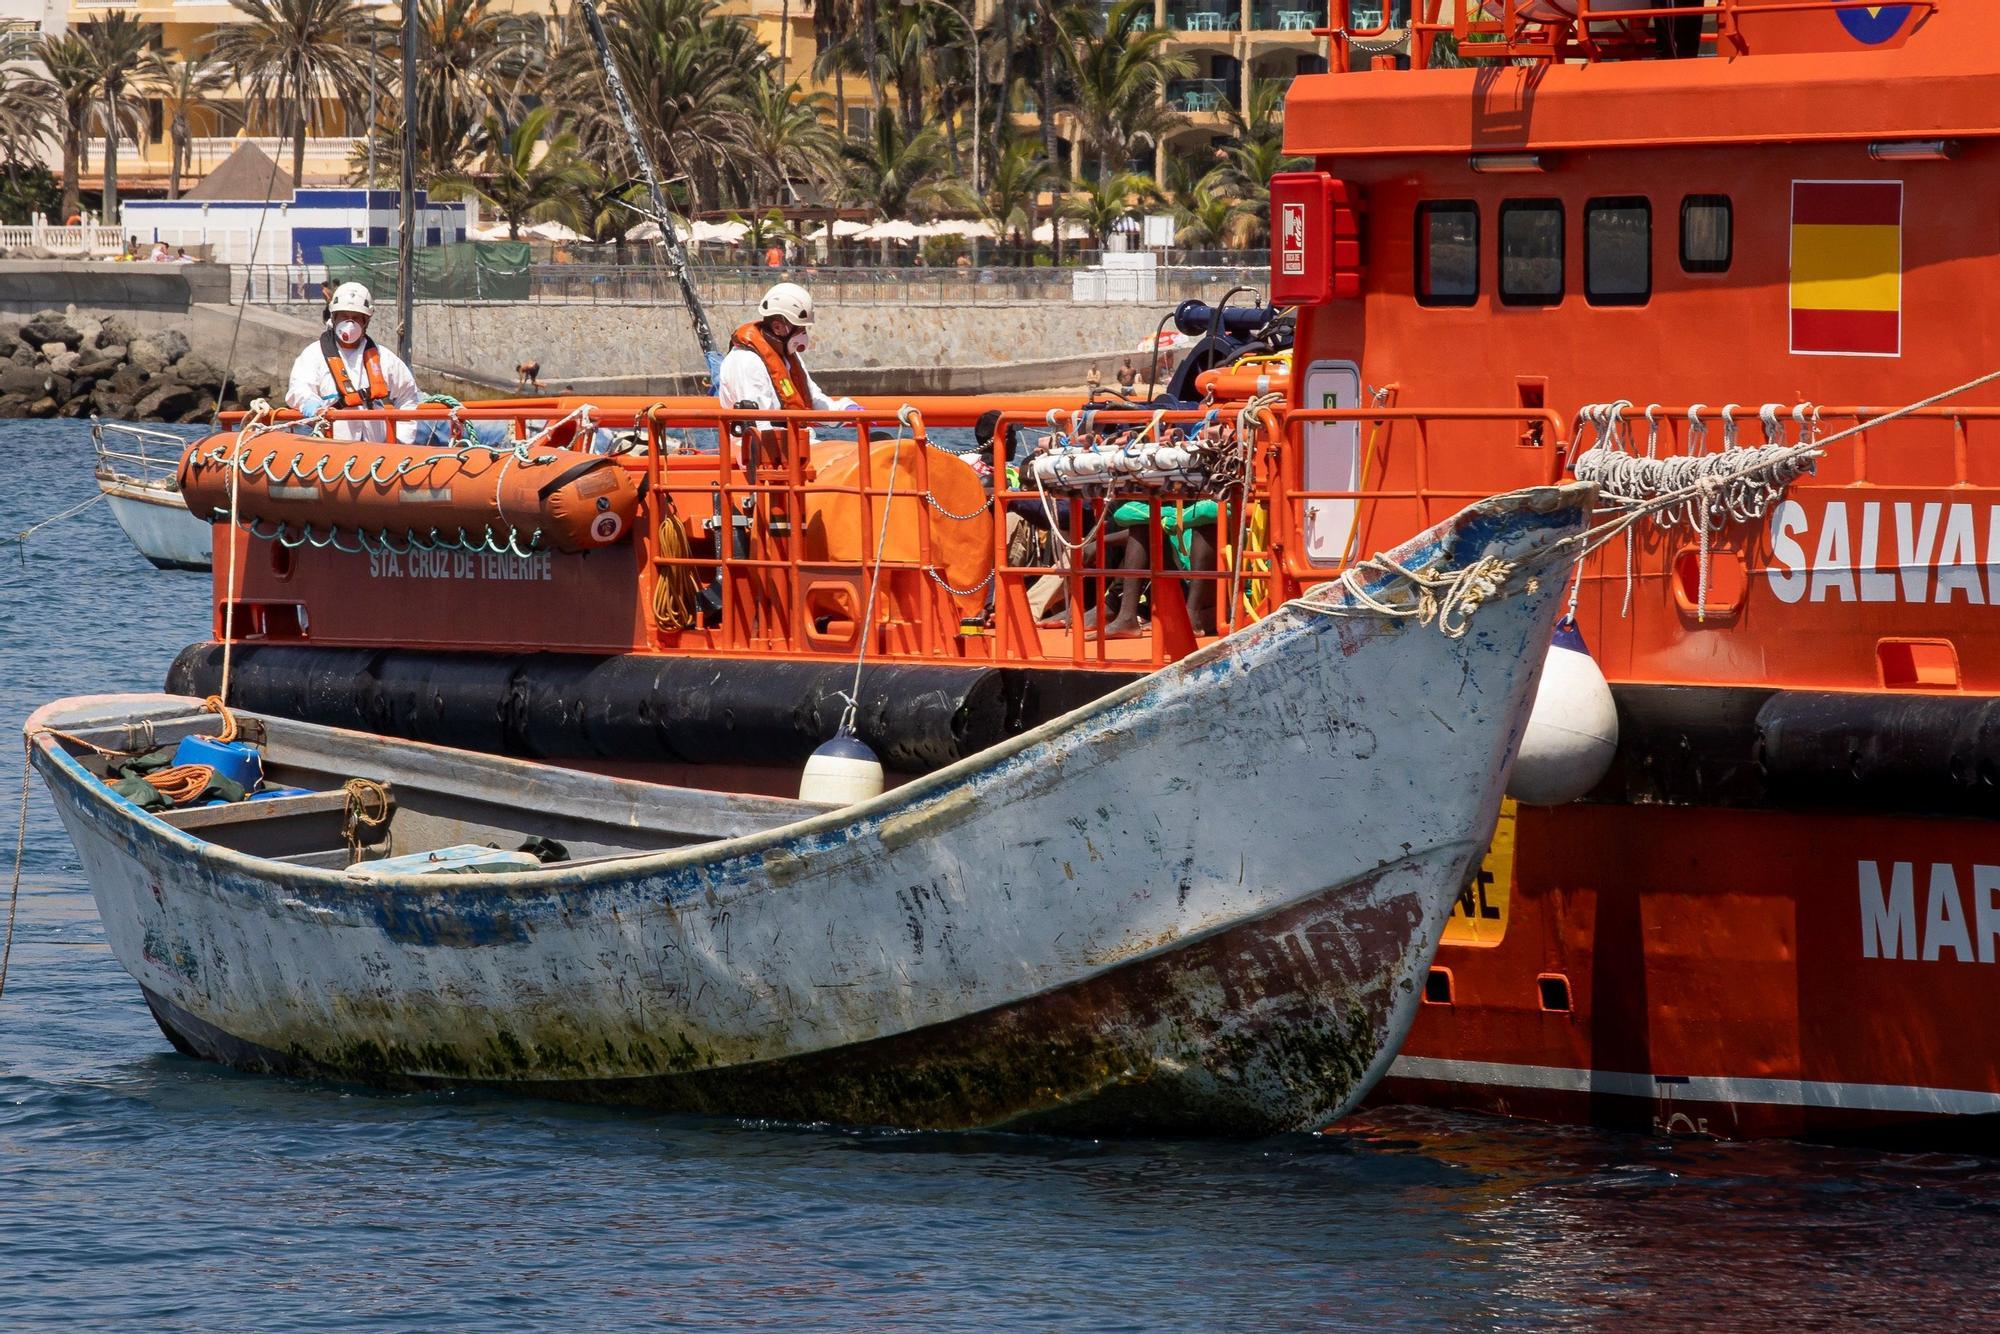 Llegada de migrantes a Gran Canaria (04/09/21)